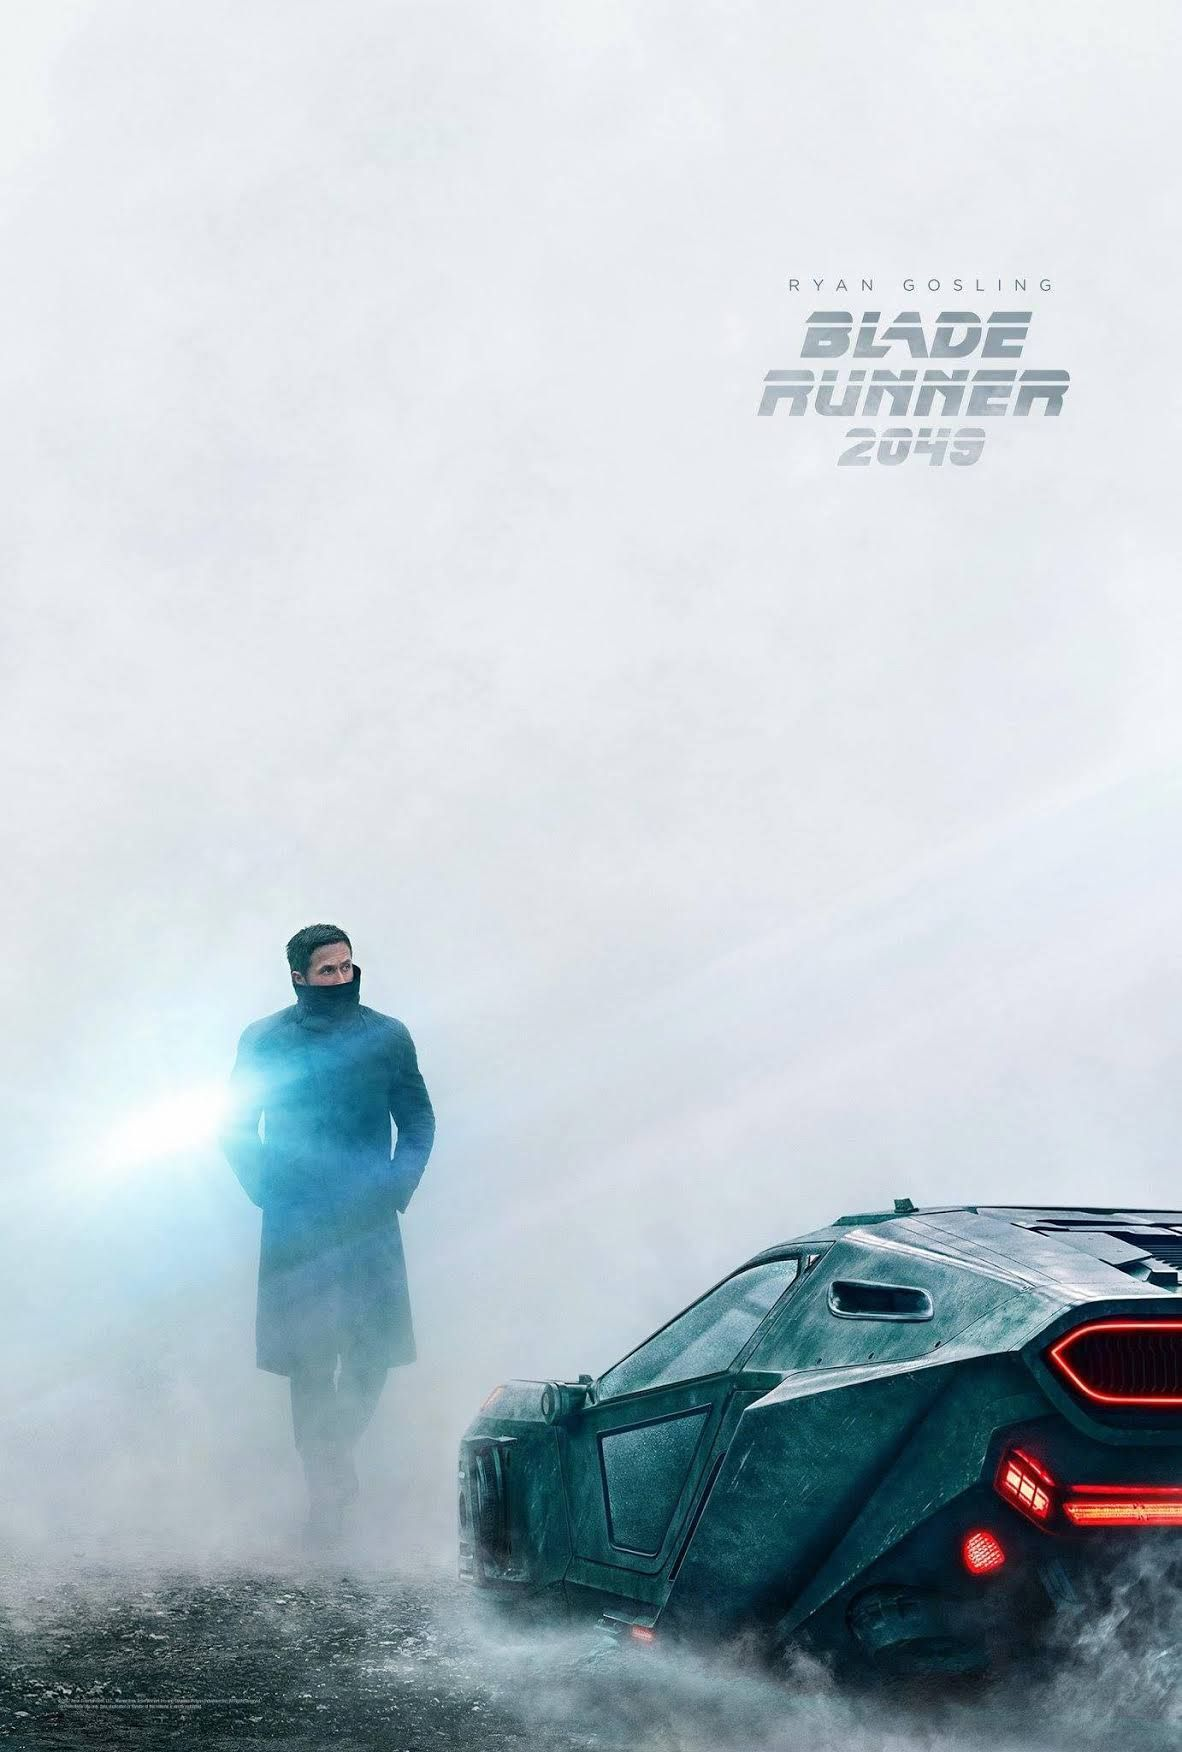 Blade Runner 2049 poster (Ryan Gosling)